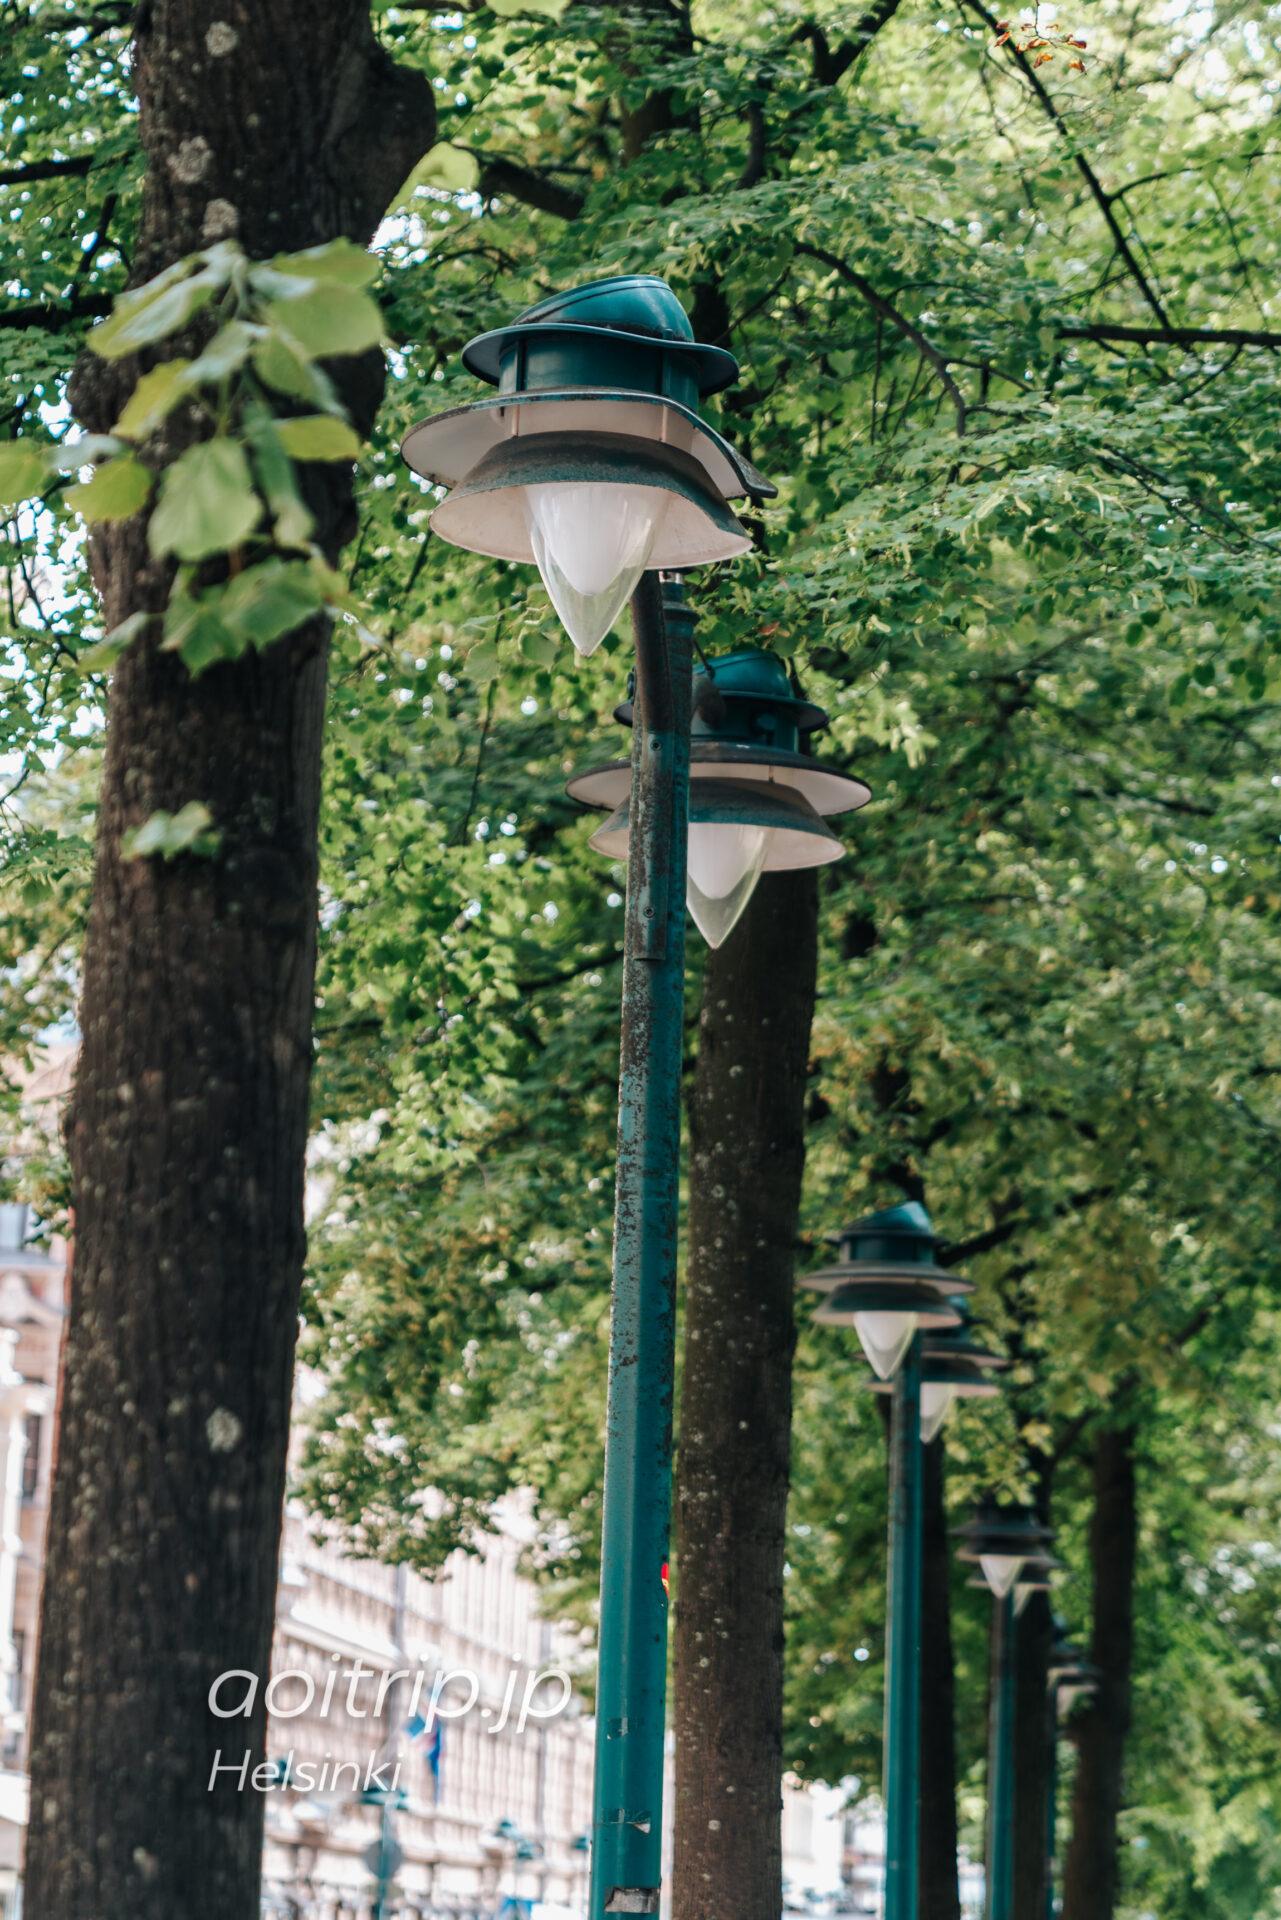 ヘルシンキの通りポホヨイ エスプラナーディ(Pohjoisesplanadi)の照明